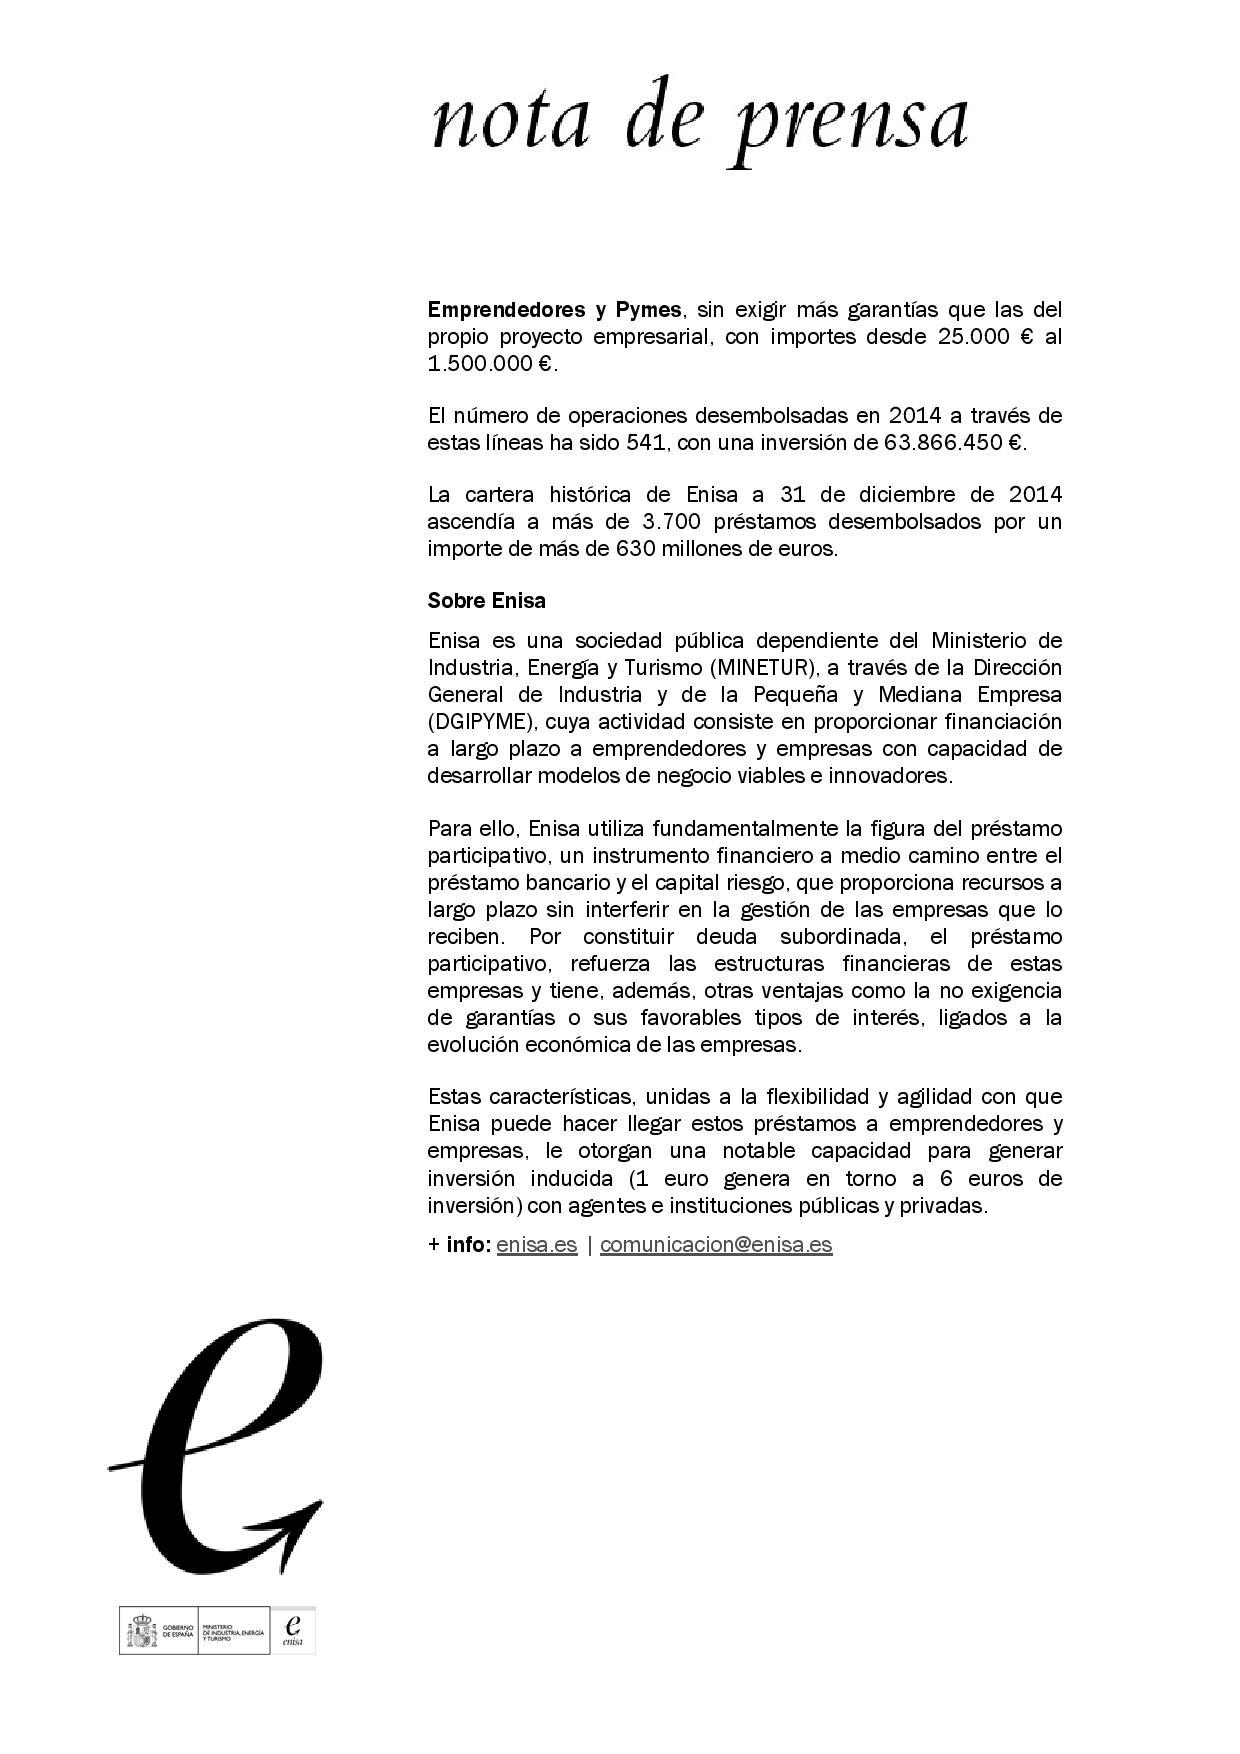 NdP líneas Enisa 2015-page-002